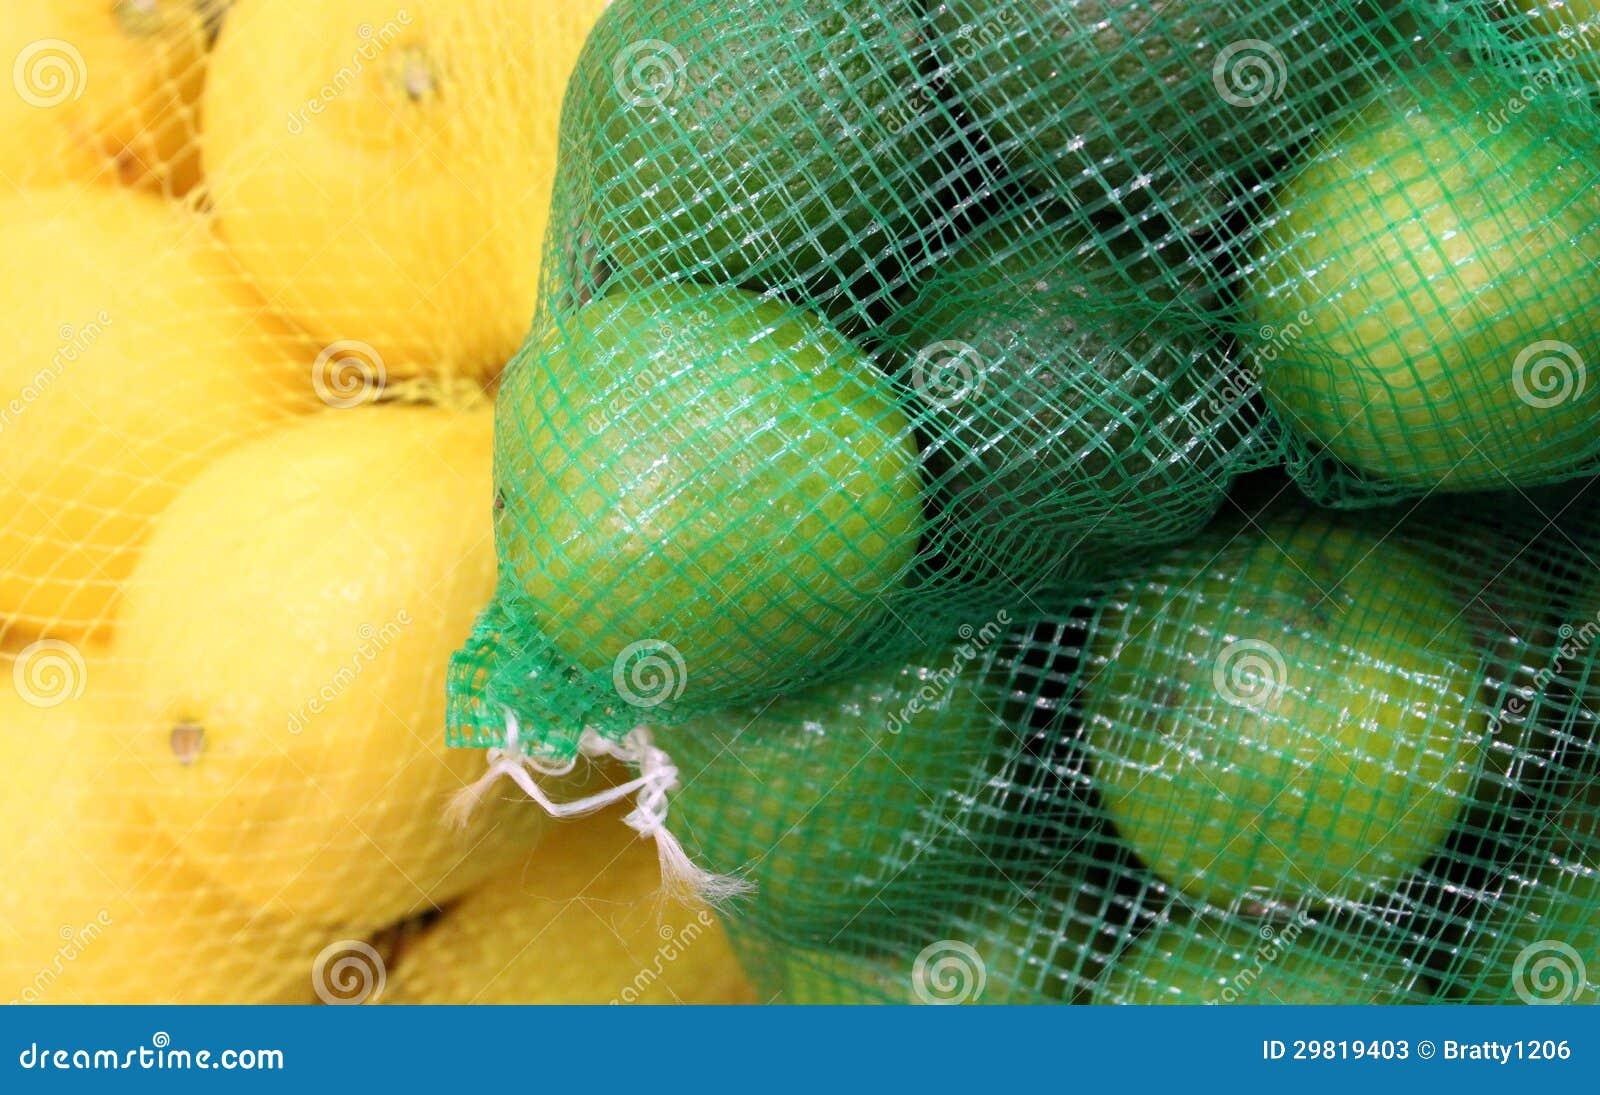 Borse di reticolato con i limoni e le limette